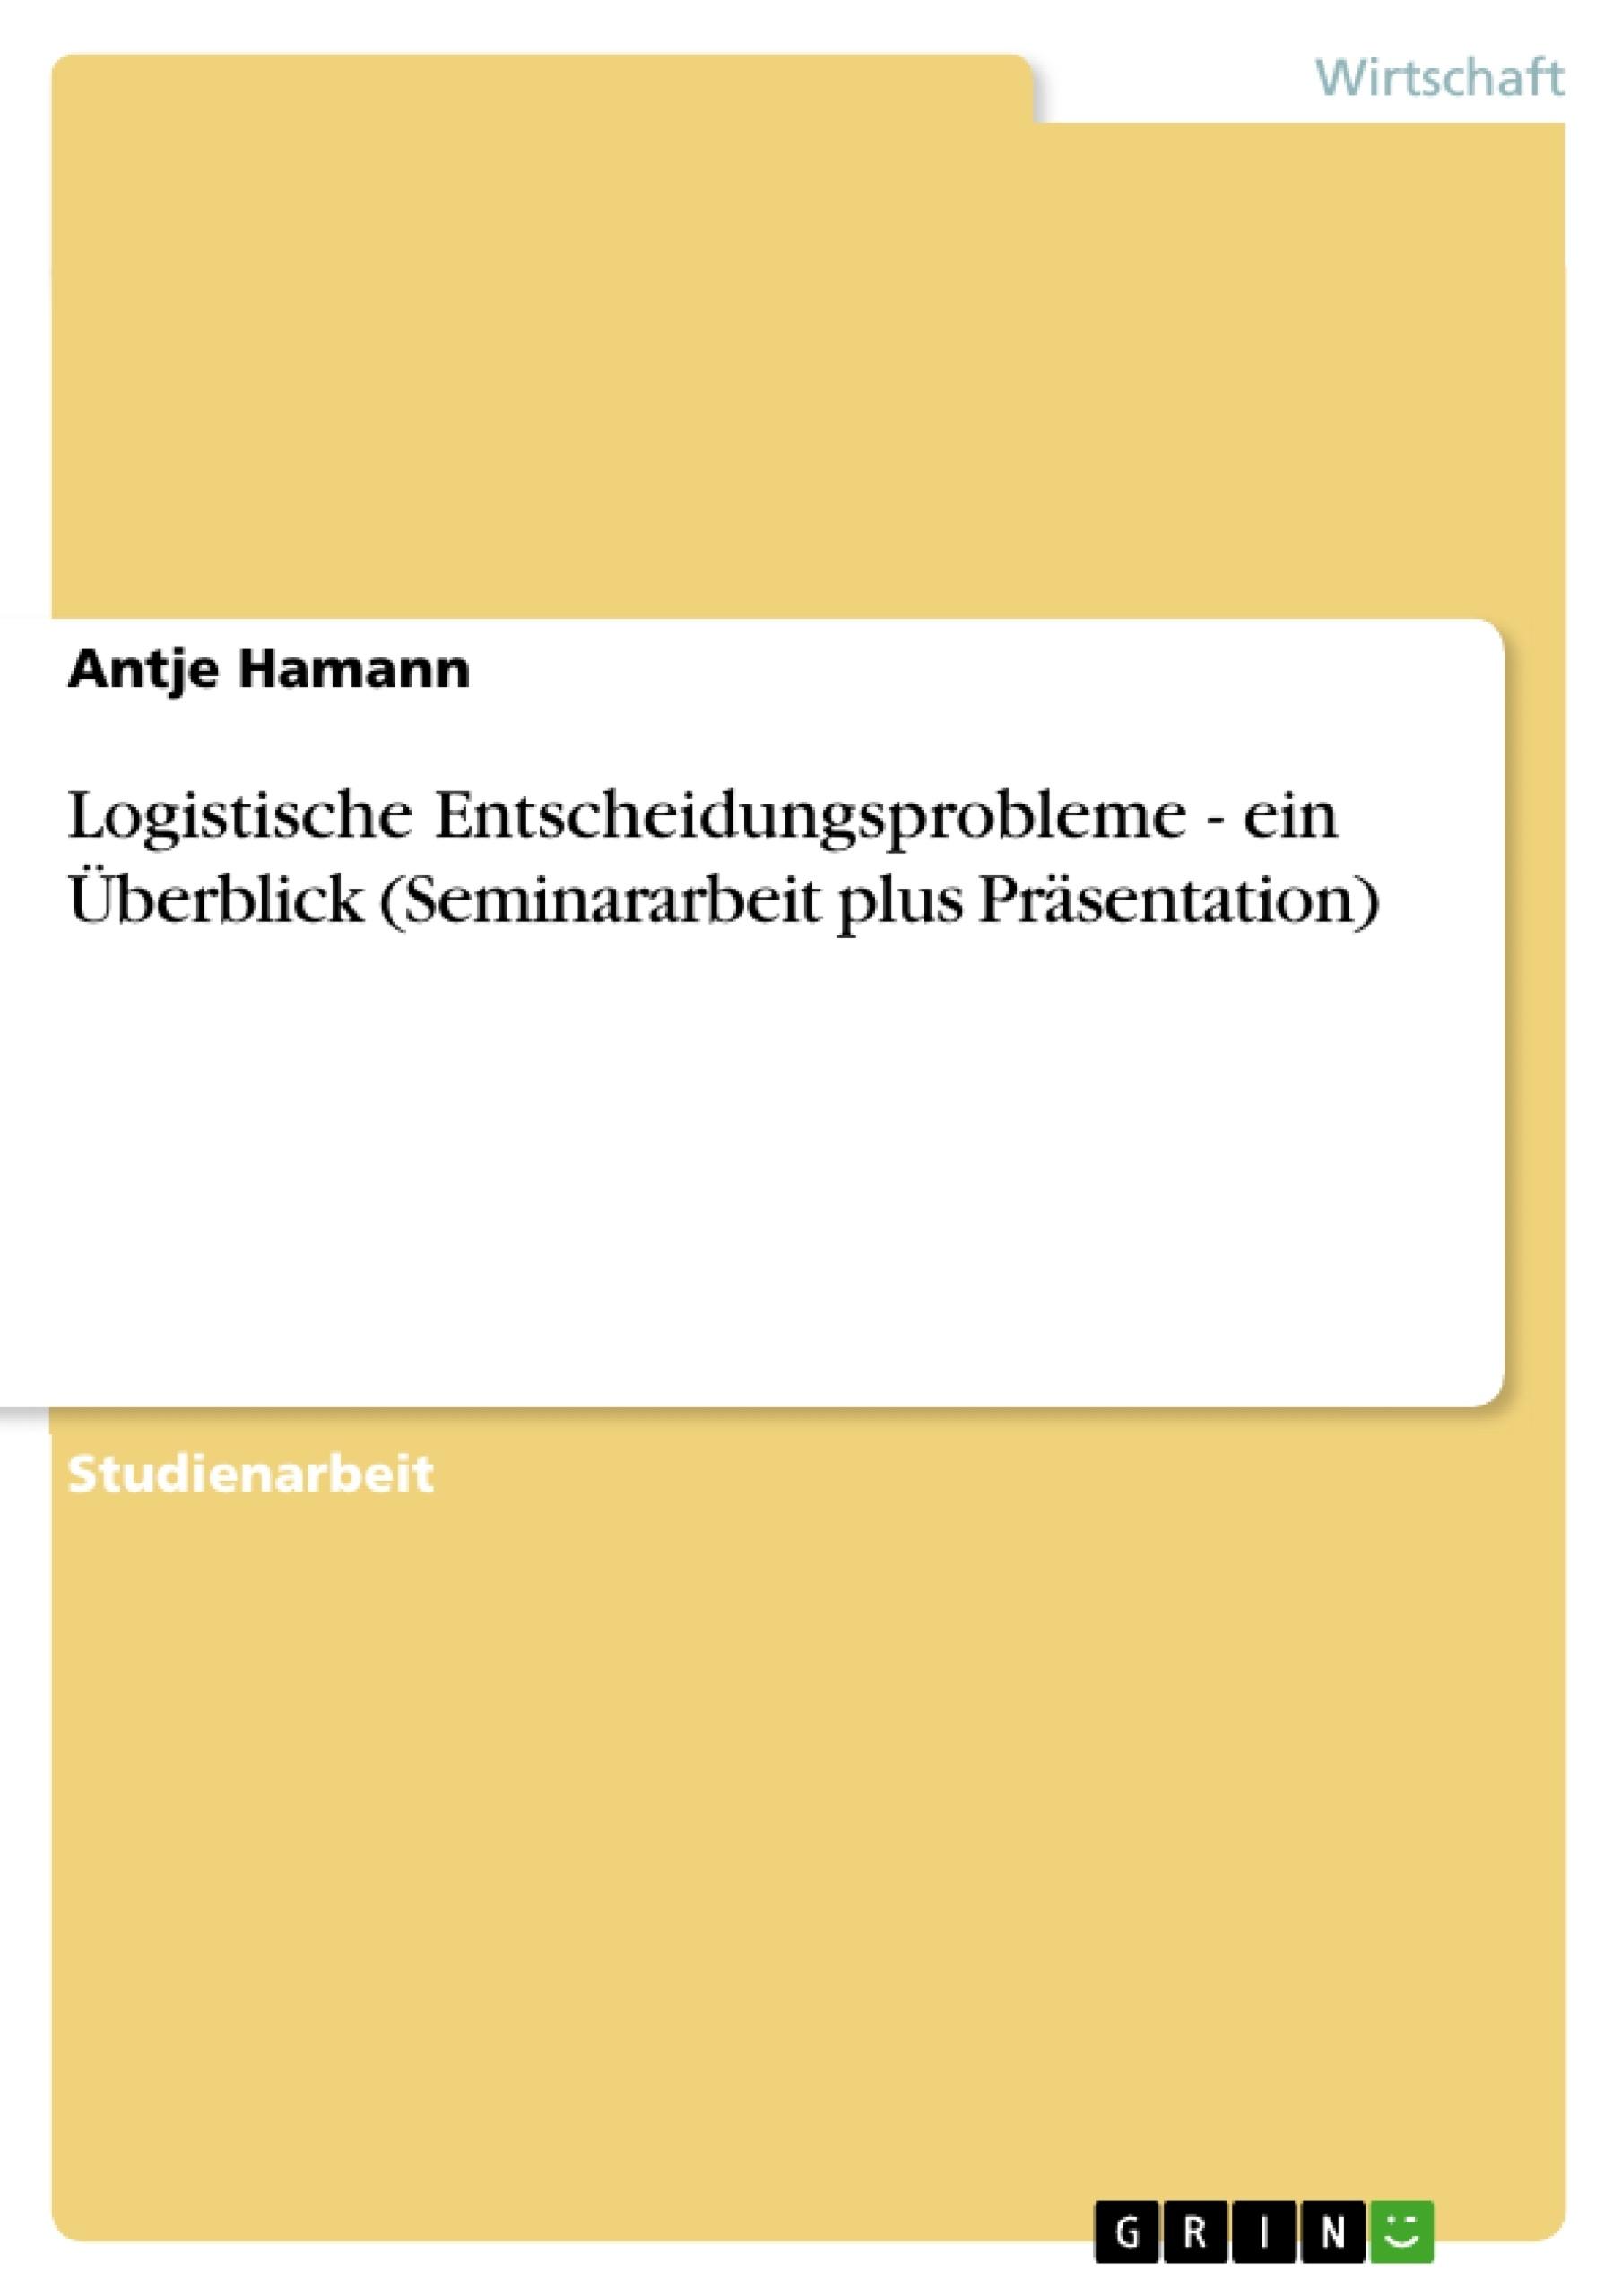 Titel: Logistische Entscheidungsprobleme - ein Überblick (Seminararbeit plus Präsentation)